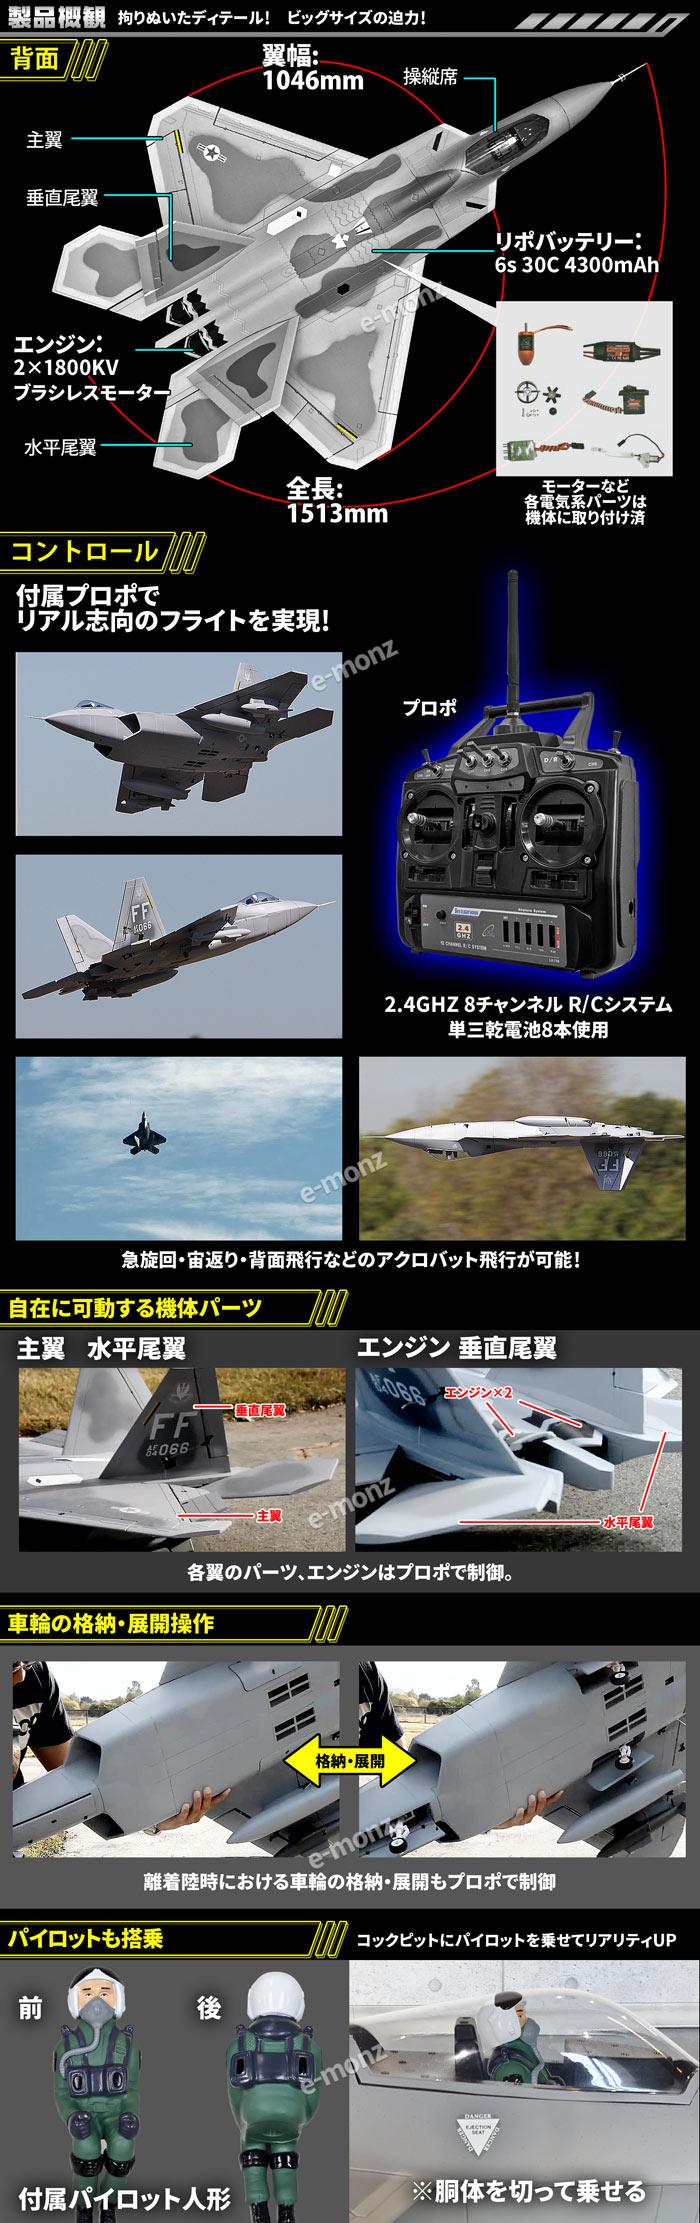 戦闘機ラジコン F-22